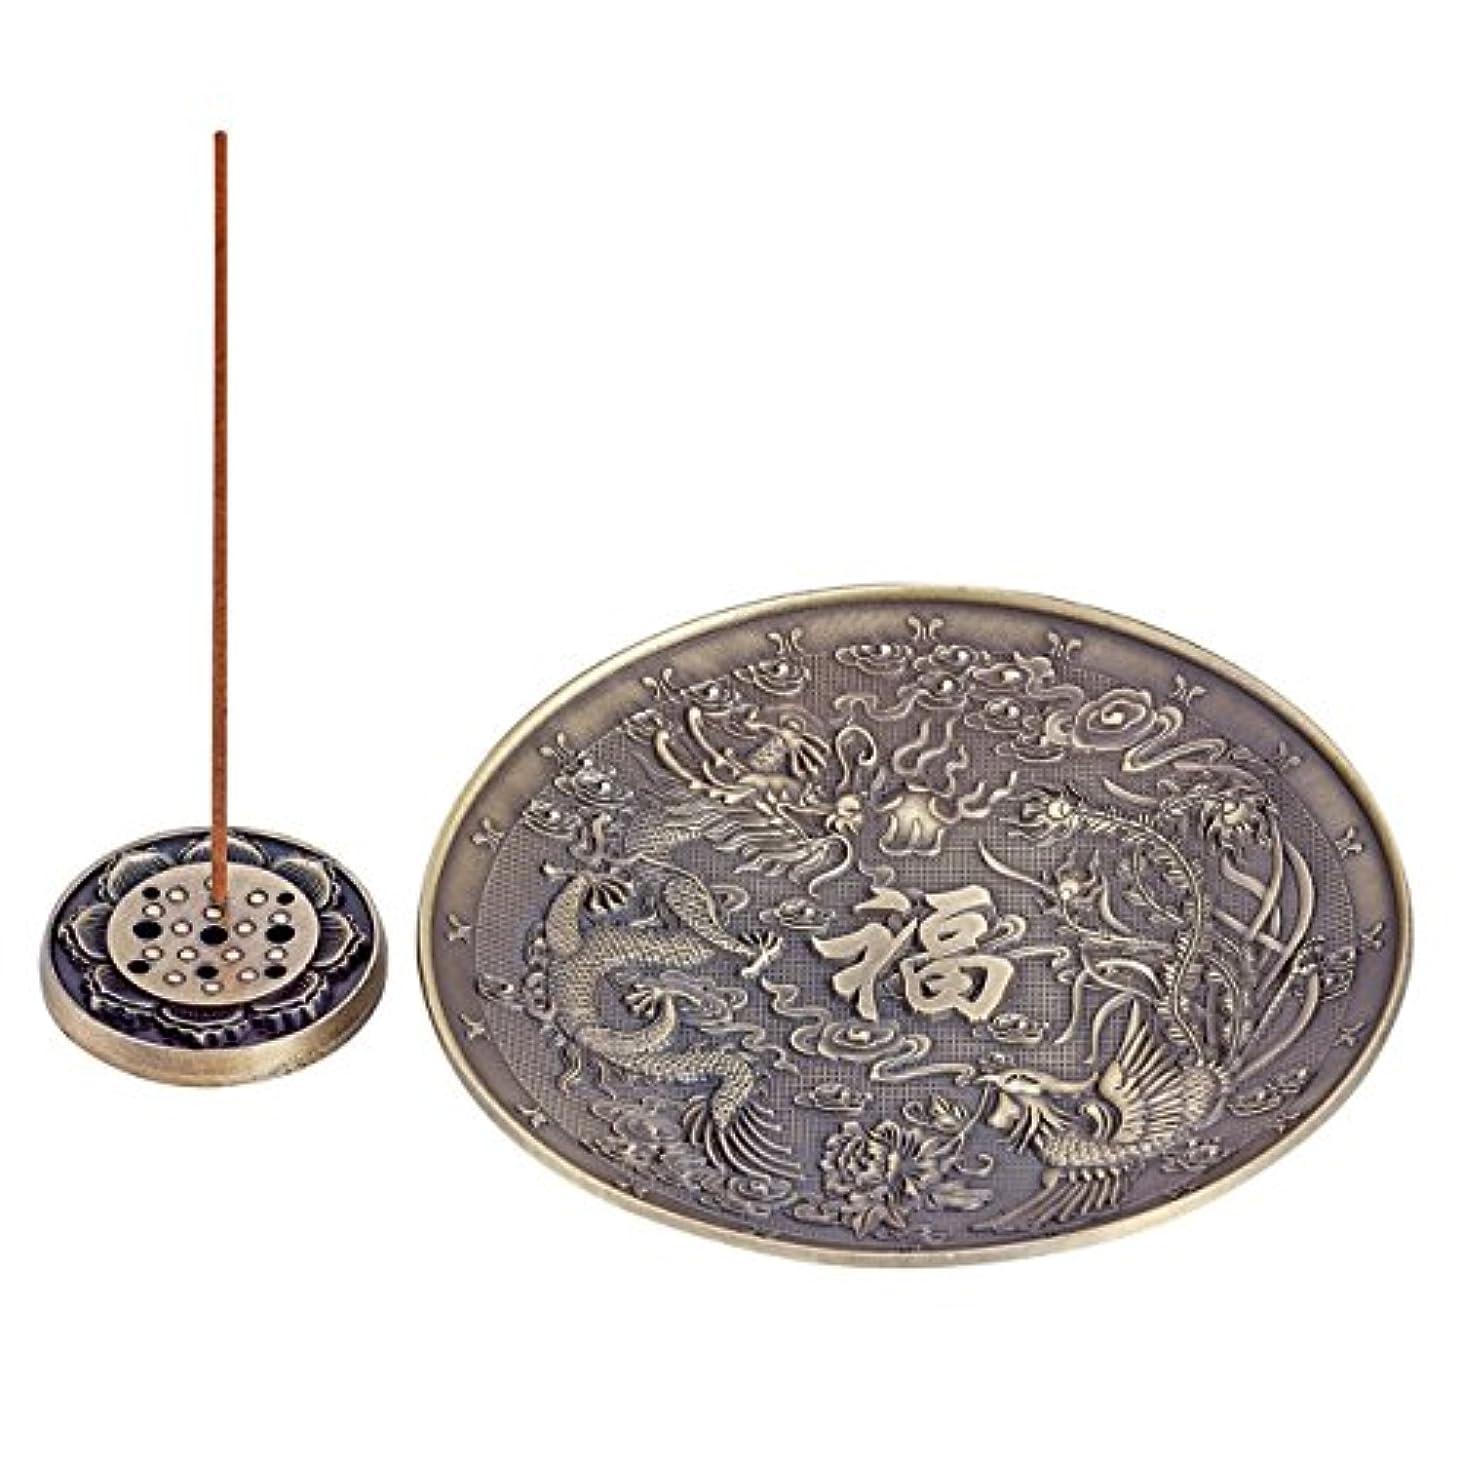 もろい鉛暫定Uoon Dragon Stick Incense Burnerホルダー、4異なるIncense Holder for Stick Incense、コイルIncense UOON-DRAGON088